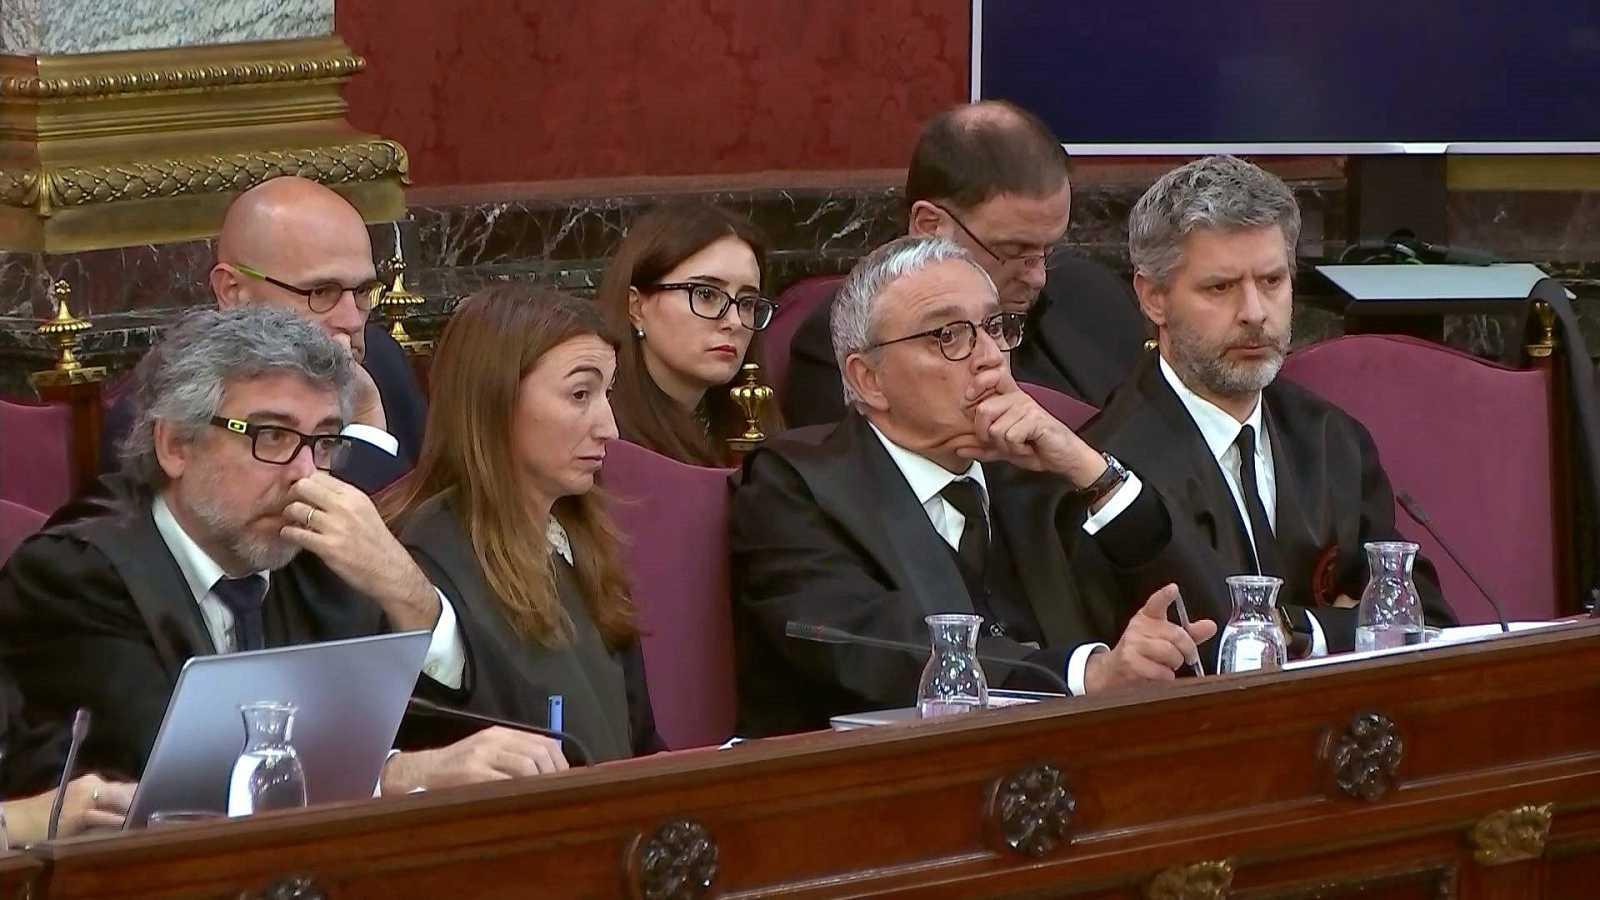 Un inspector relata cómo vieron a mossos recoger urnas cerrados ya los colegios para llevarlas a una comisaría